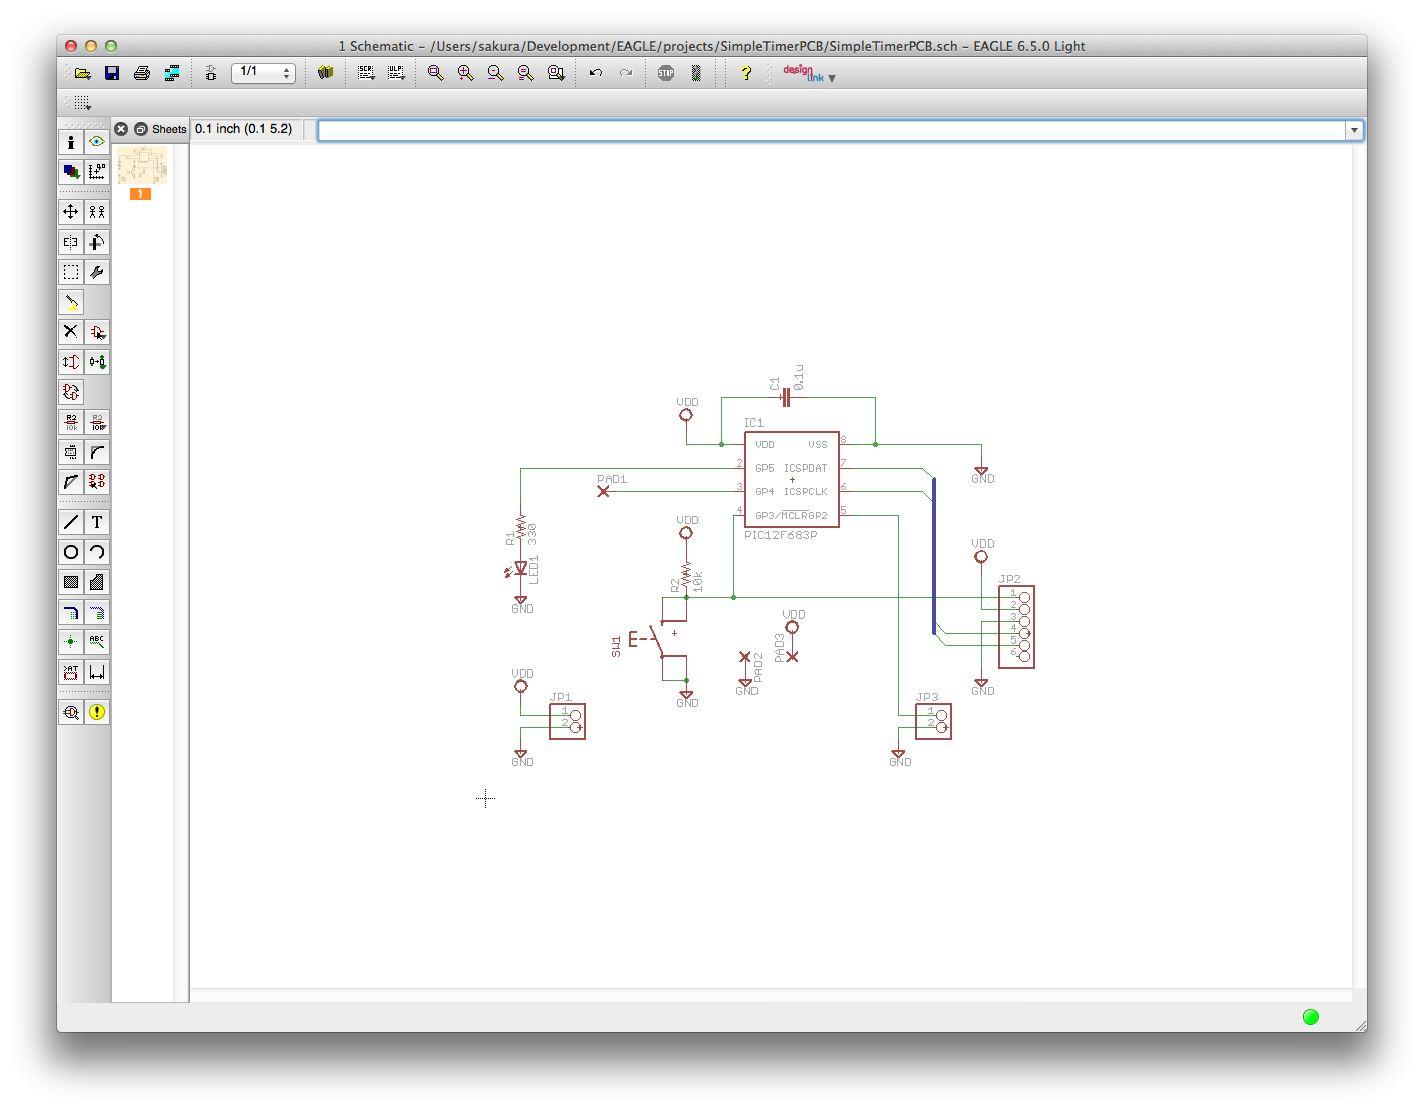 Reduced schematic